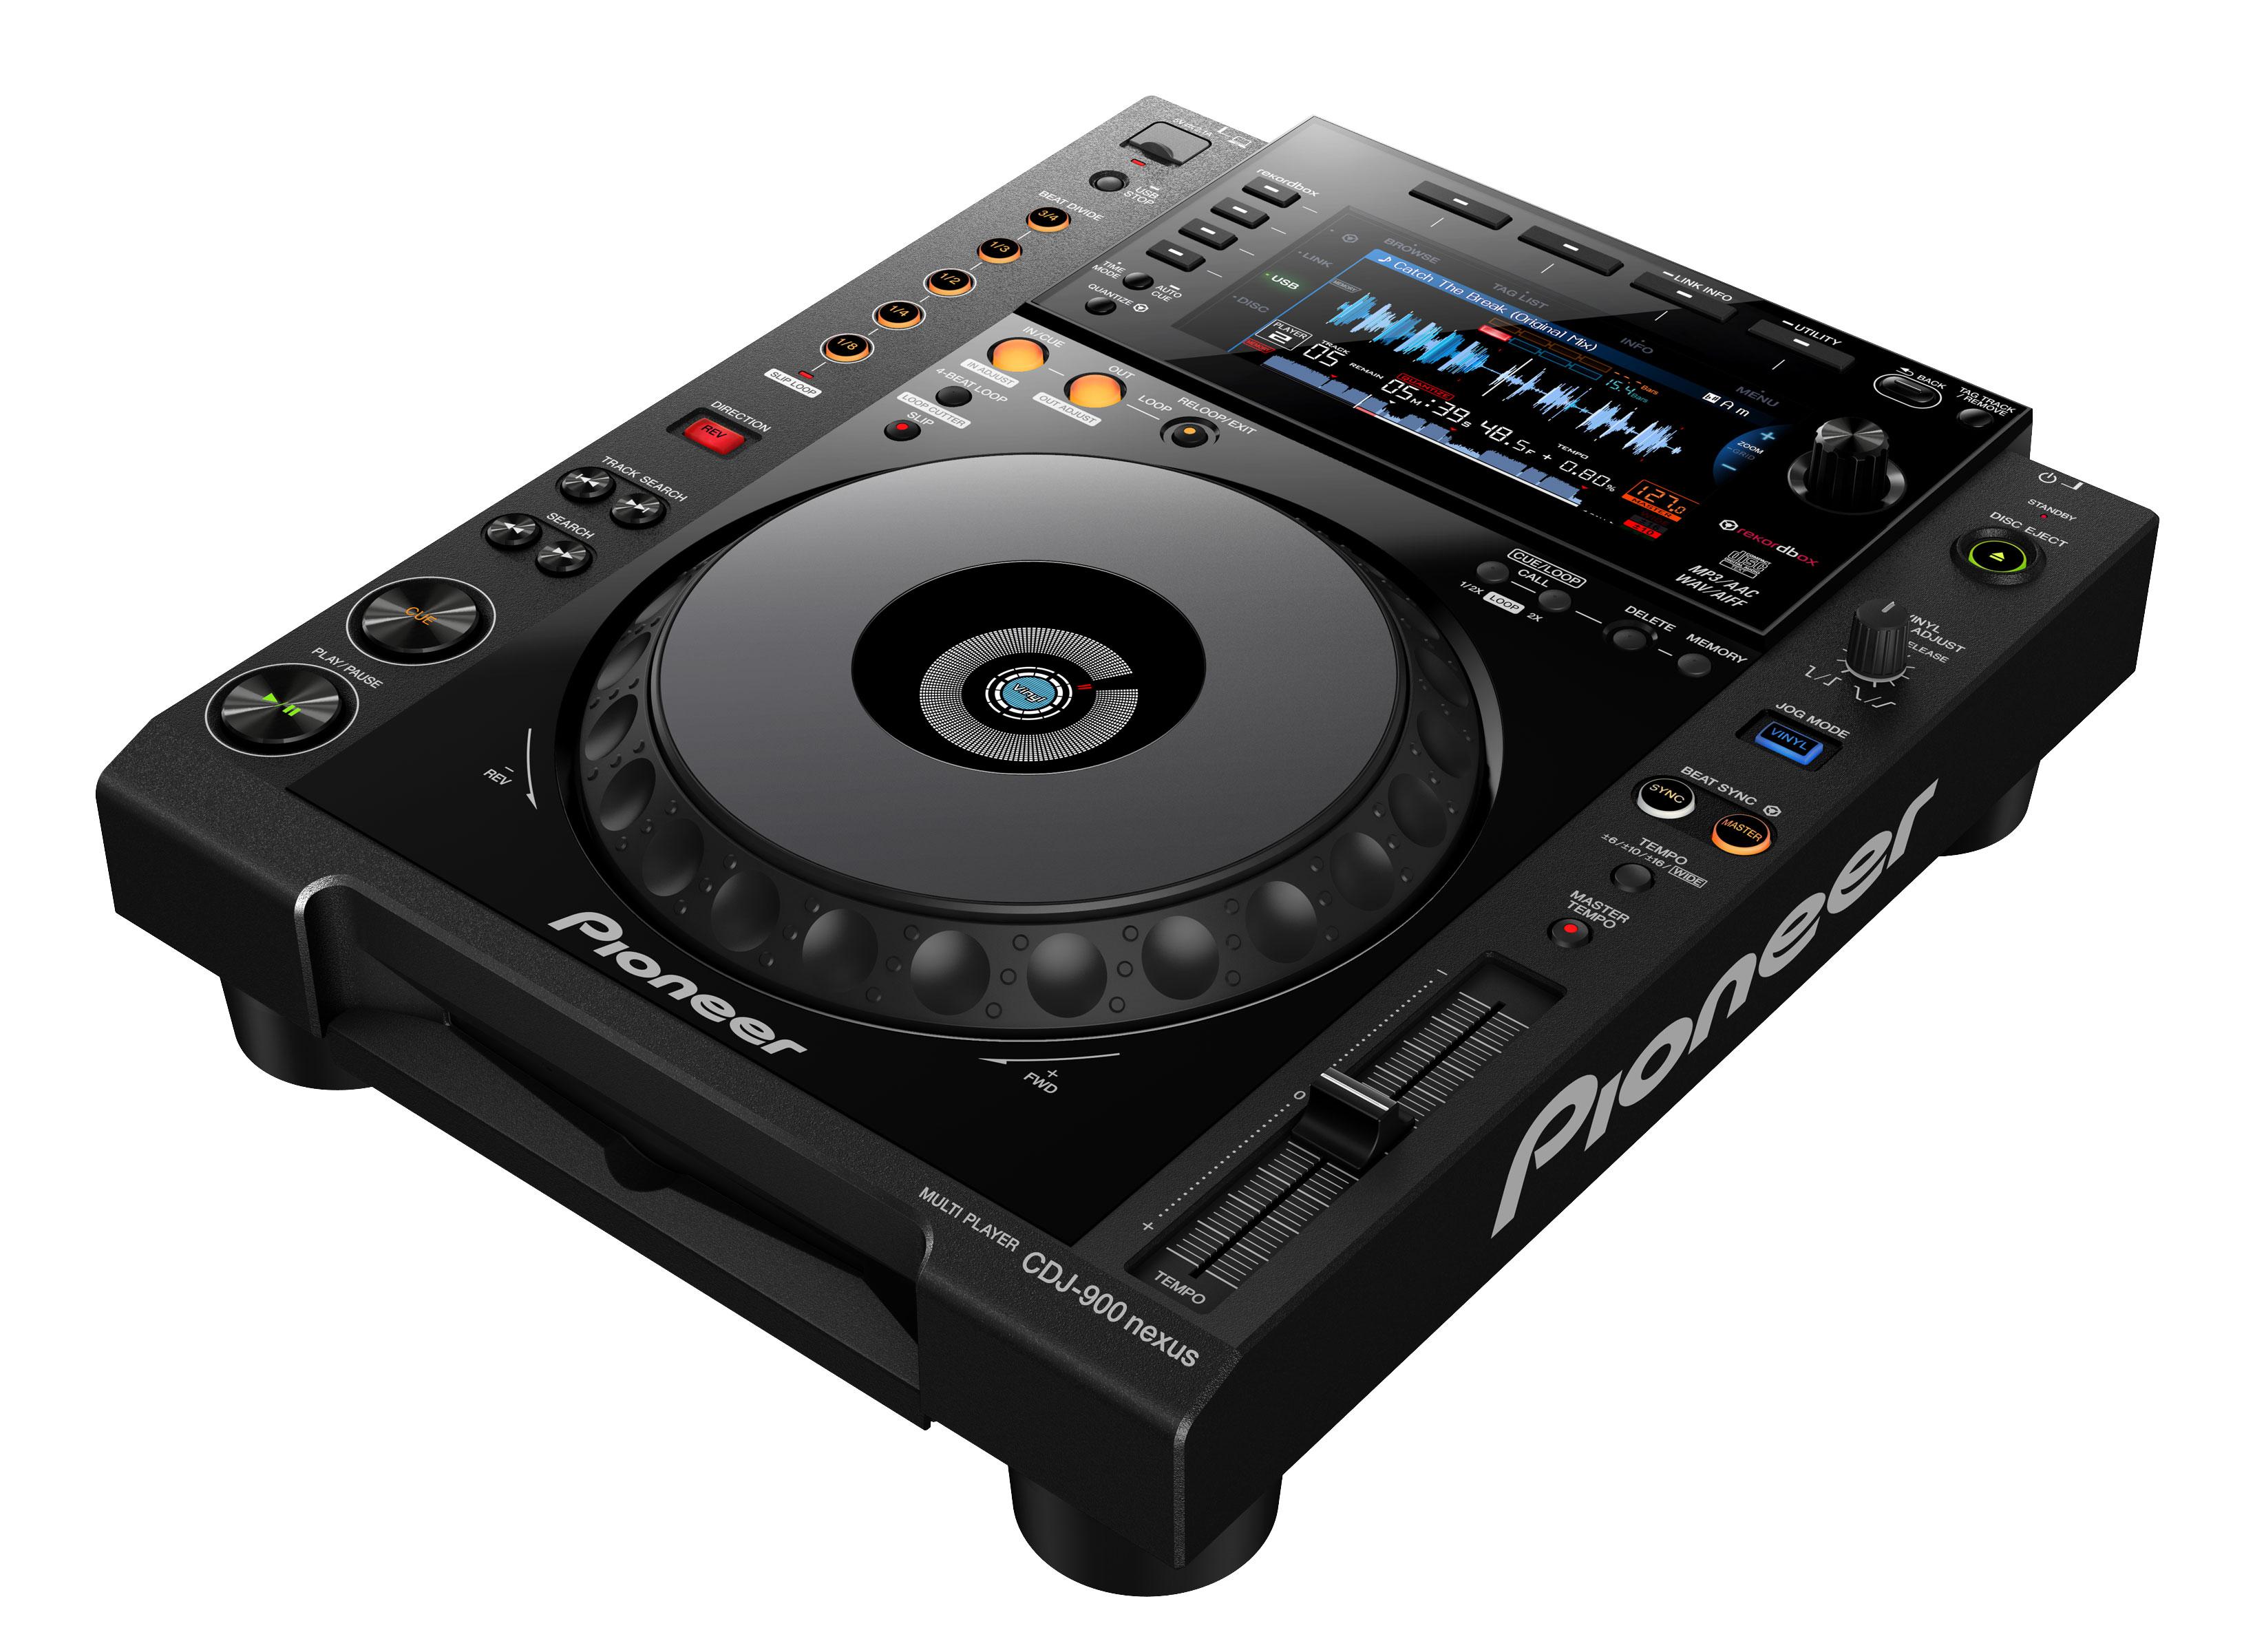 CDJ 900 NEXUS